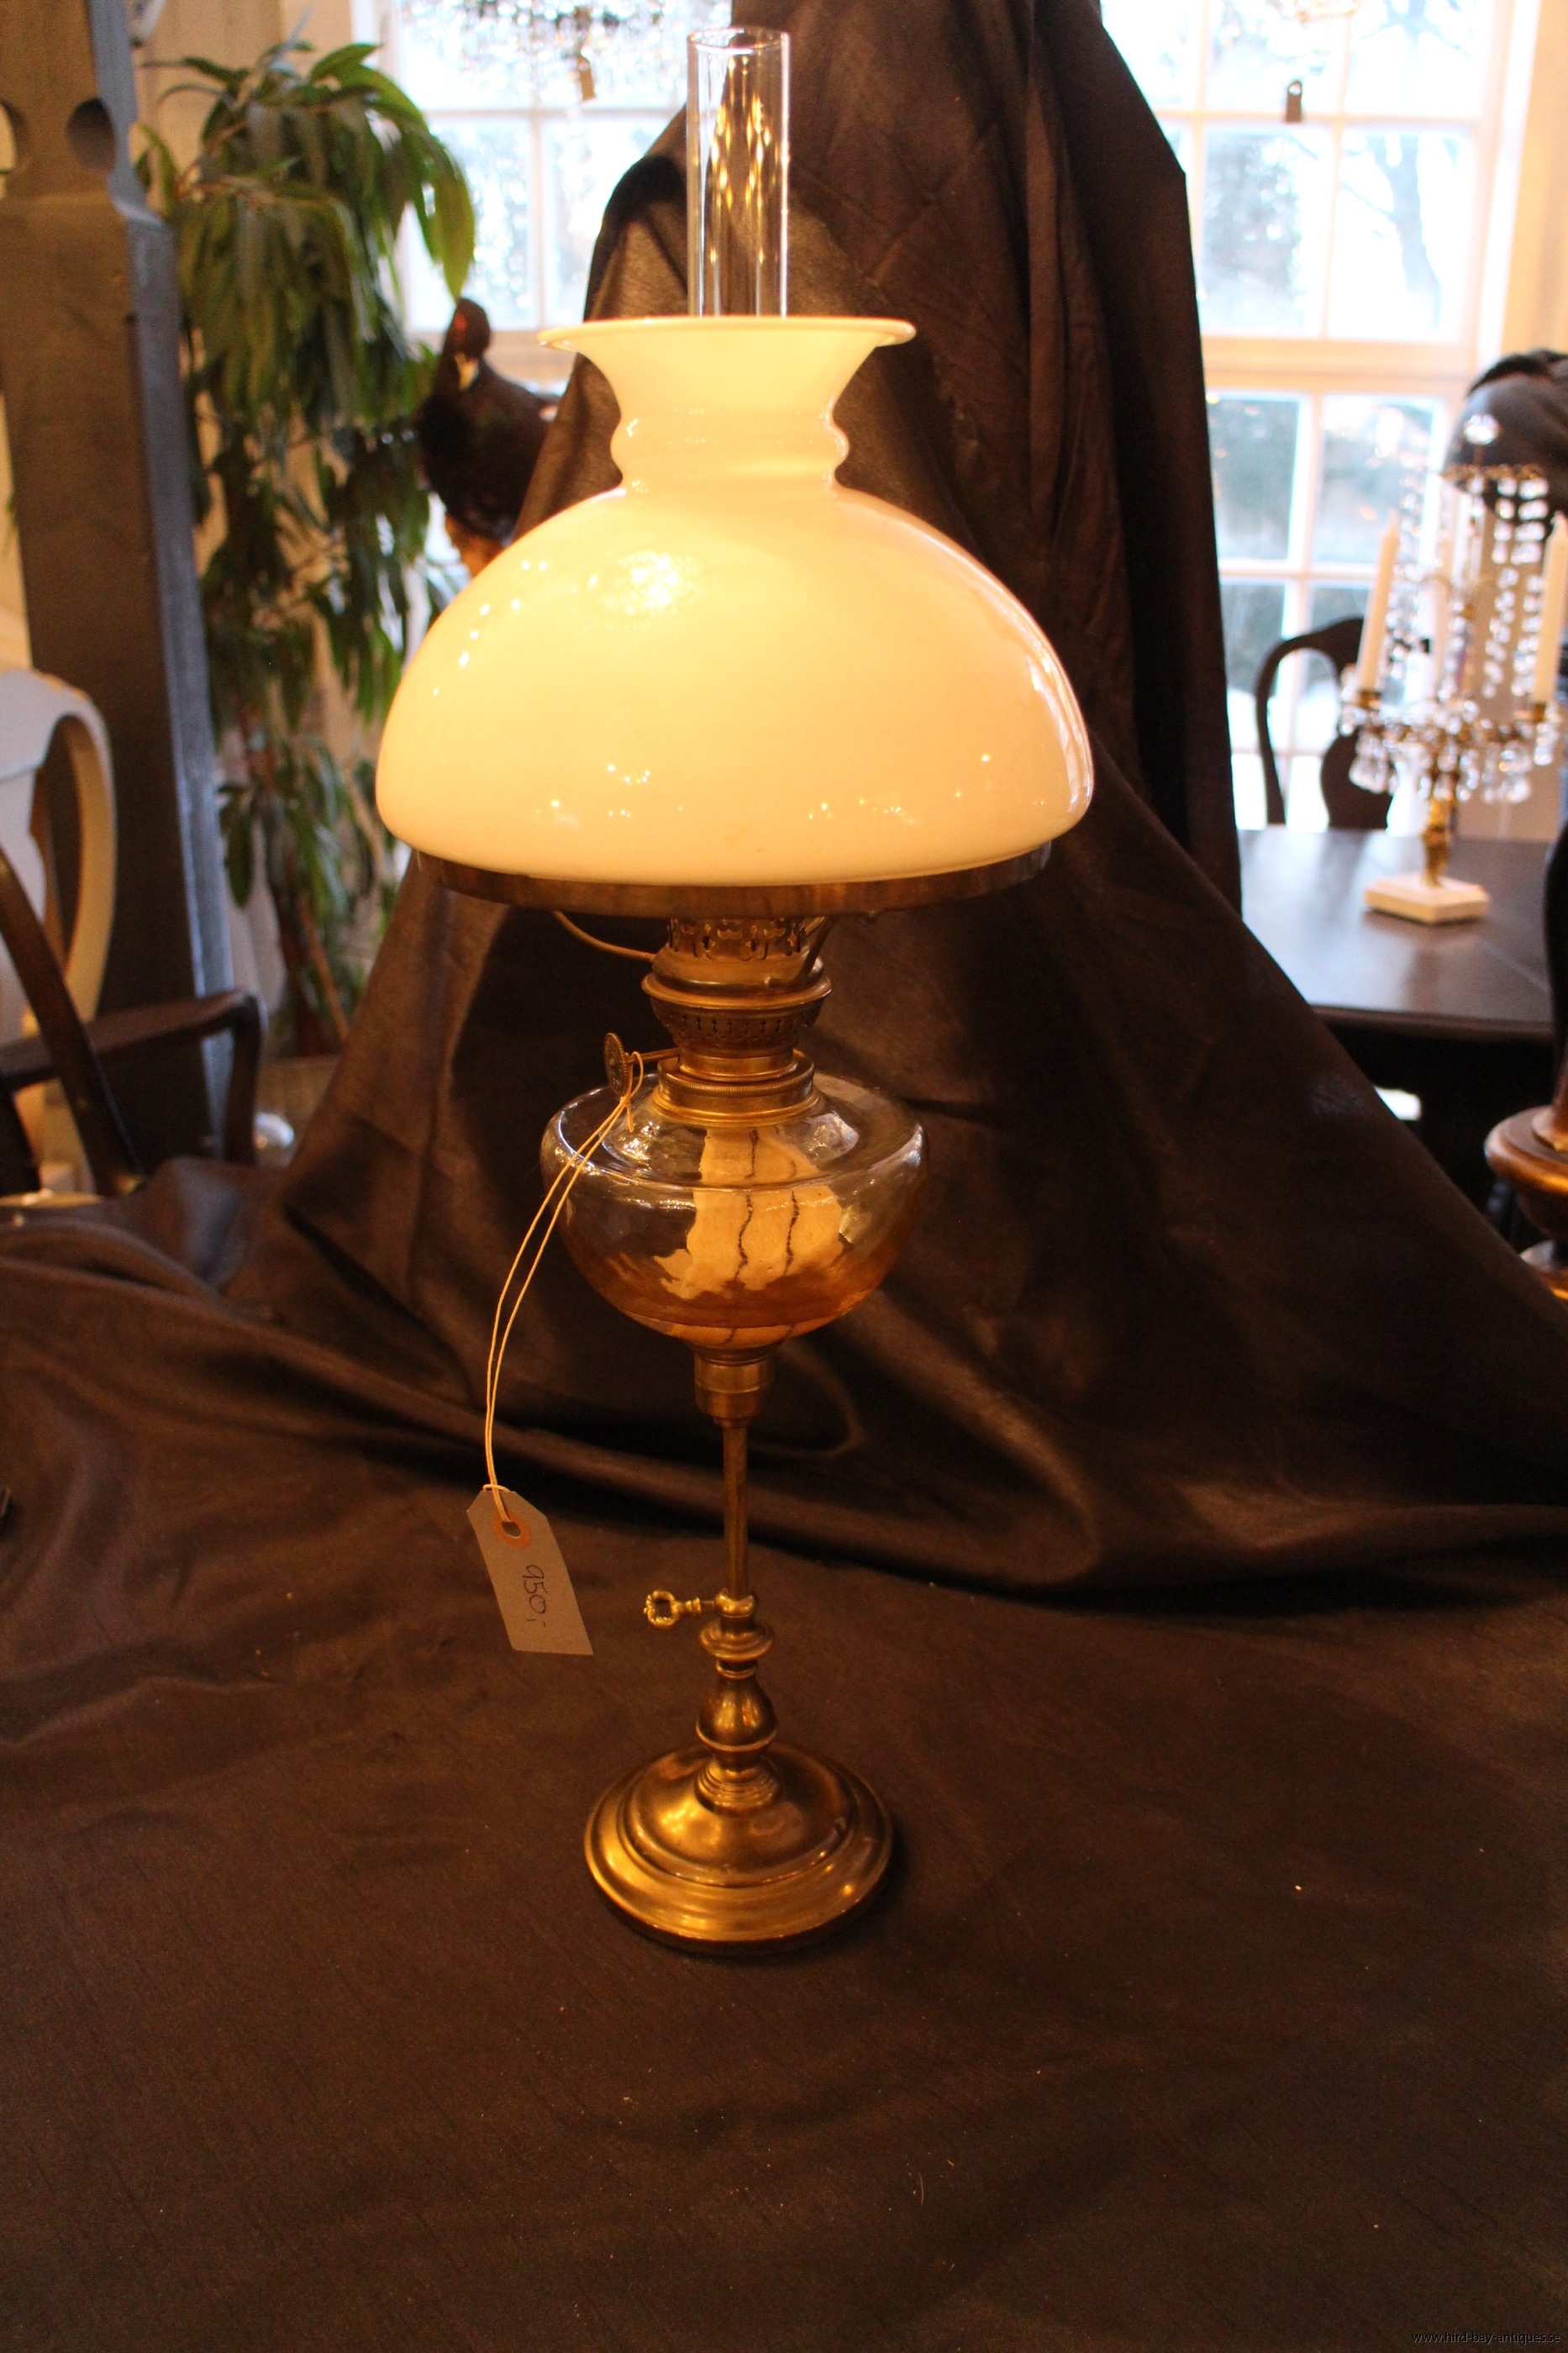 fotogenlampa höj- och sänkbar 1800-tal